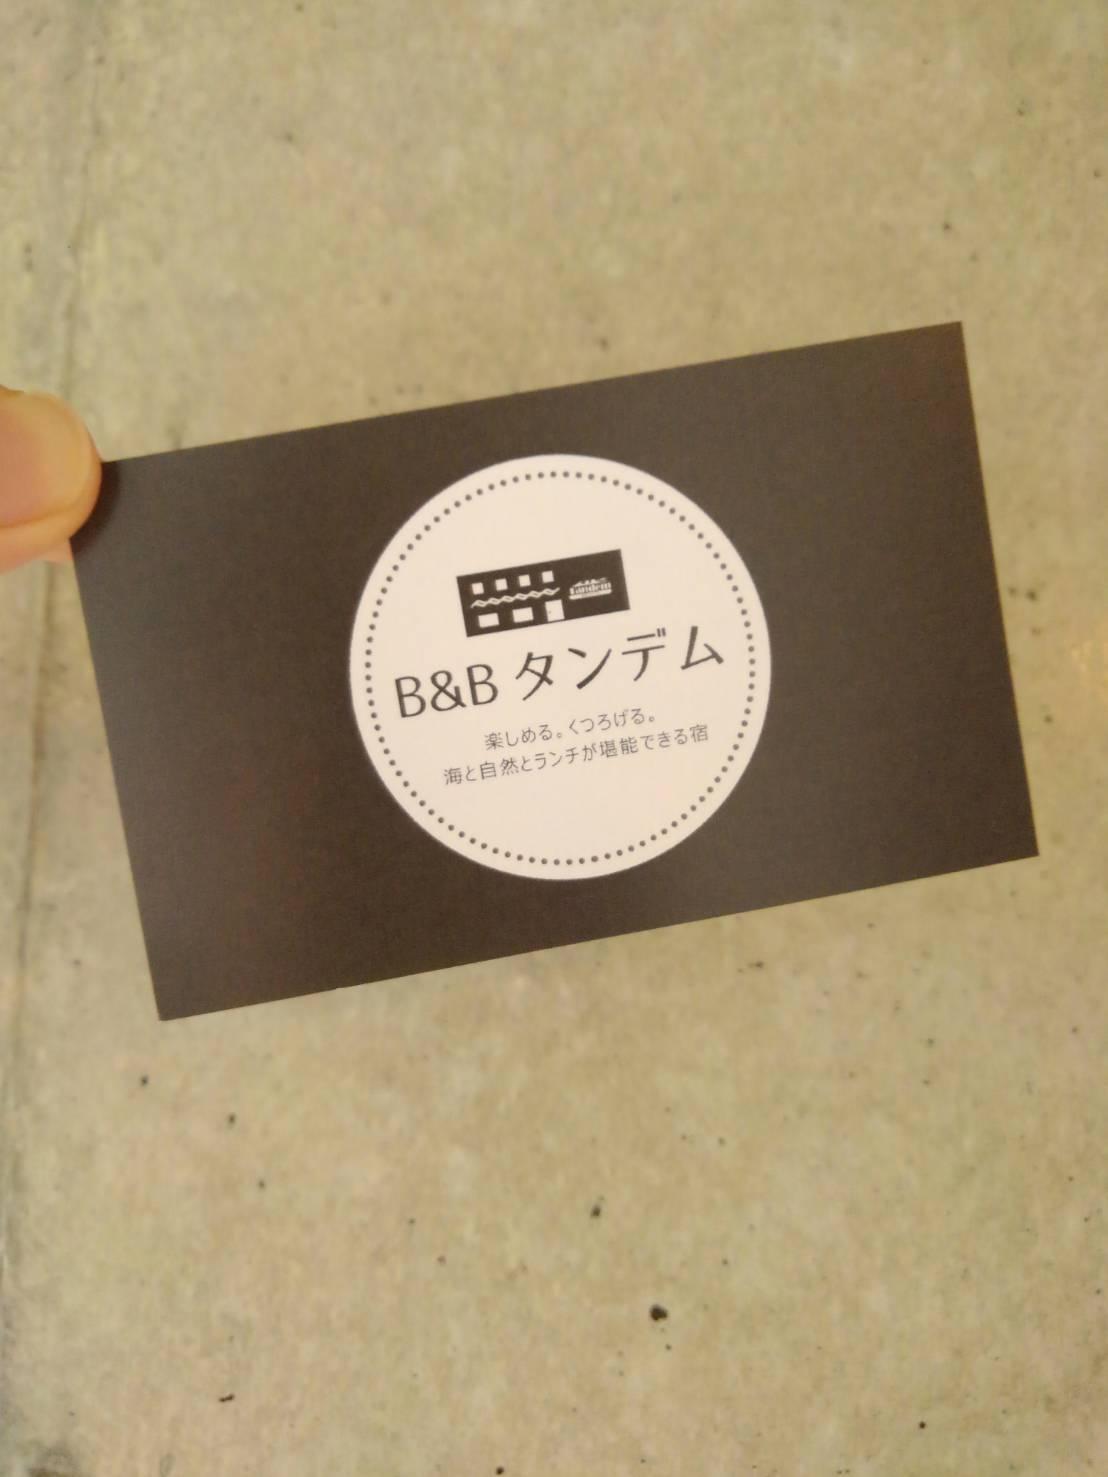 ショップカード完成!